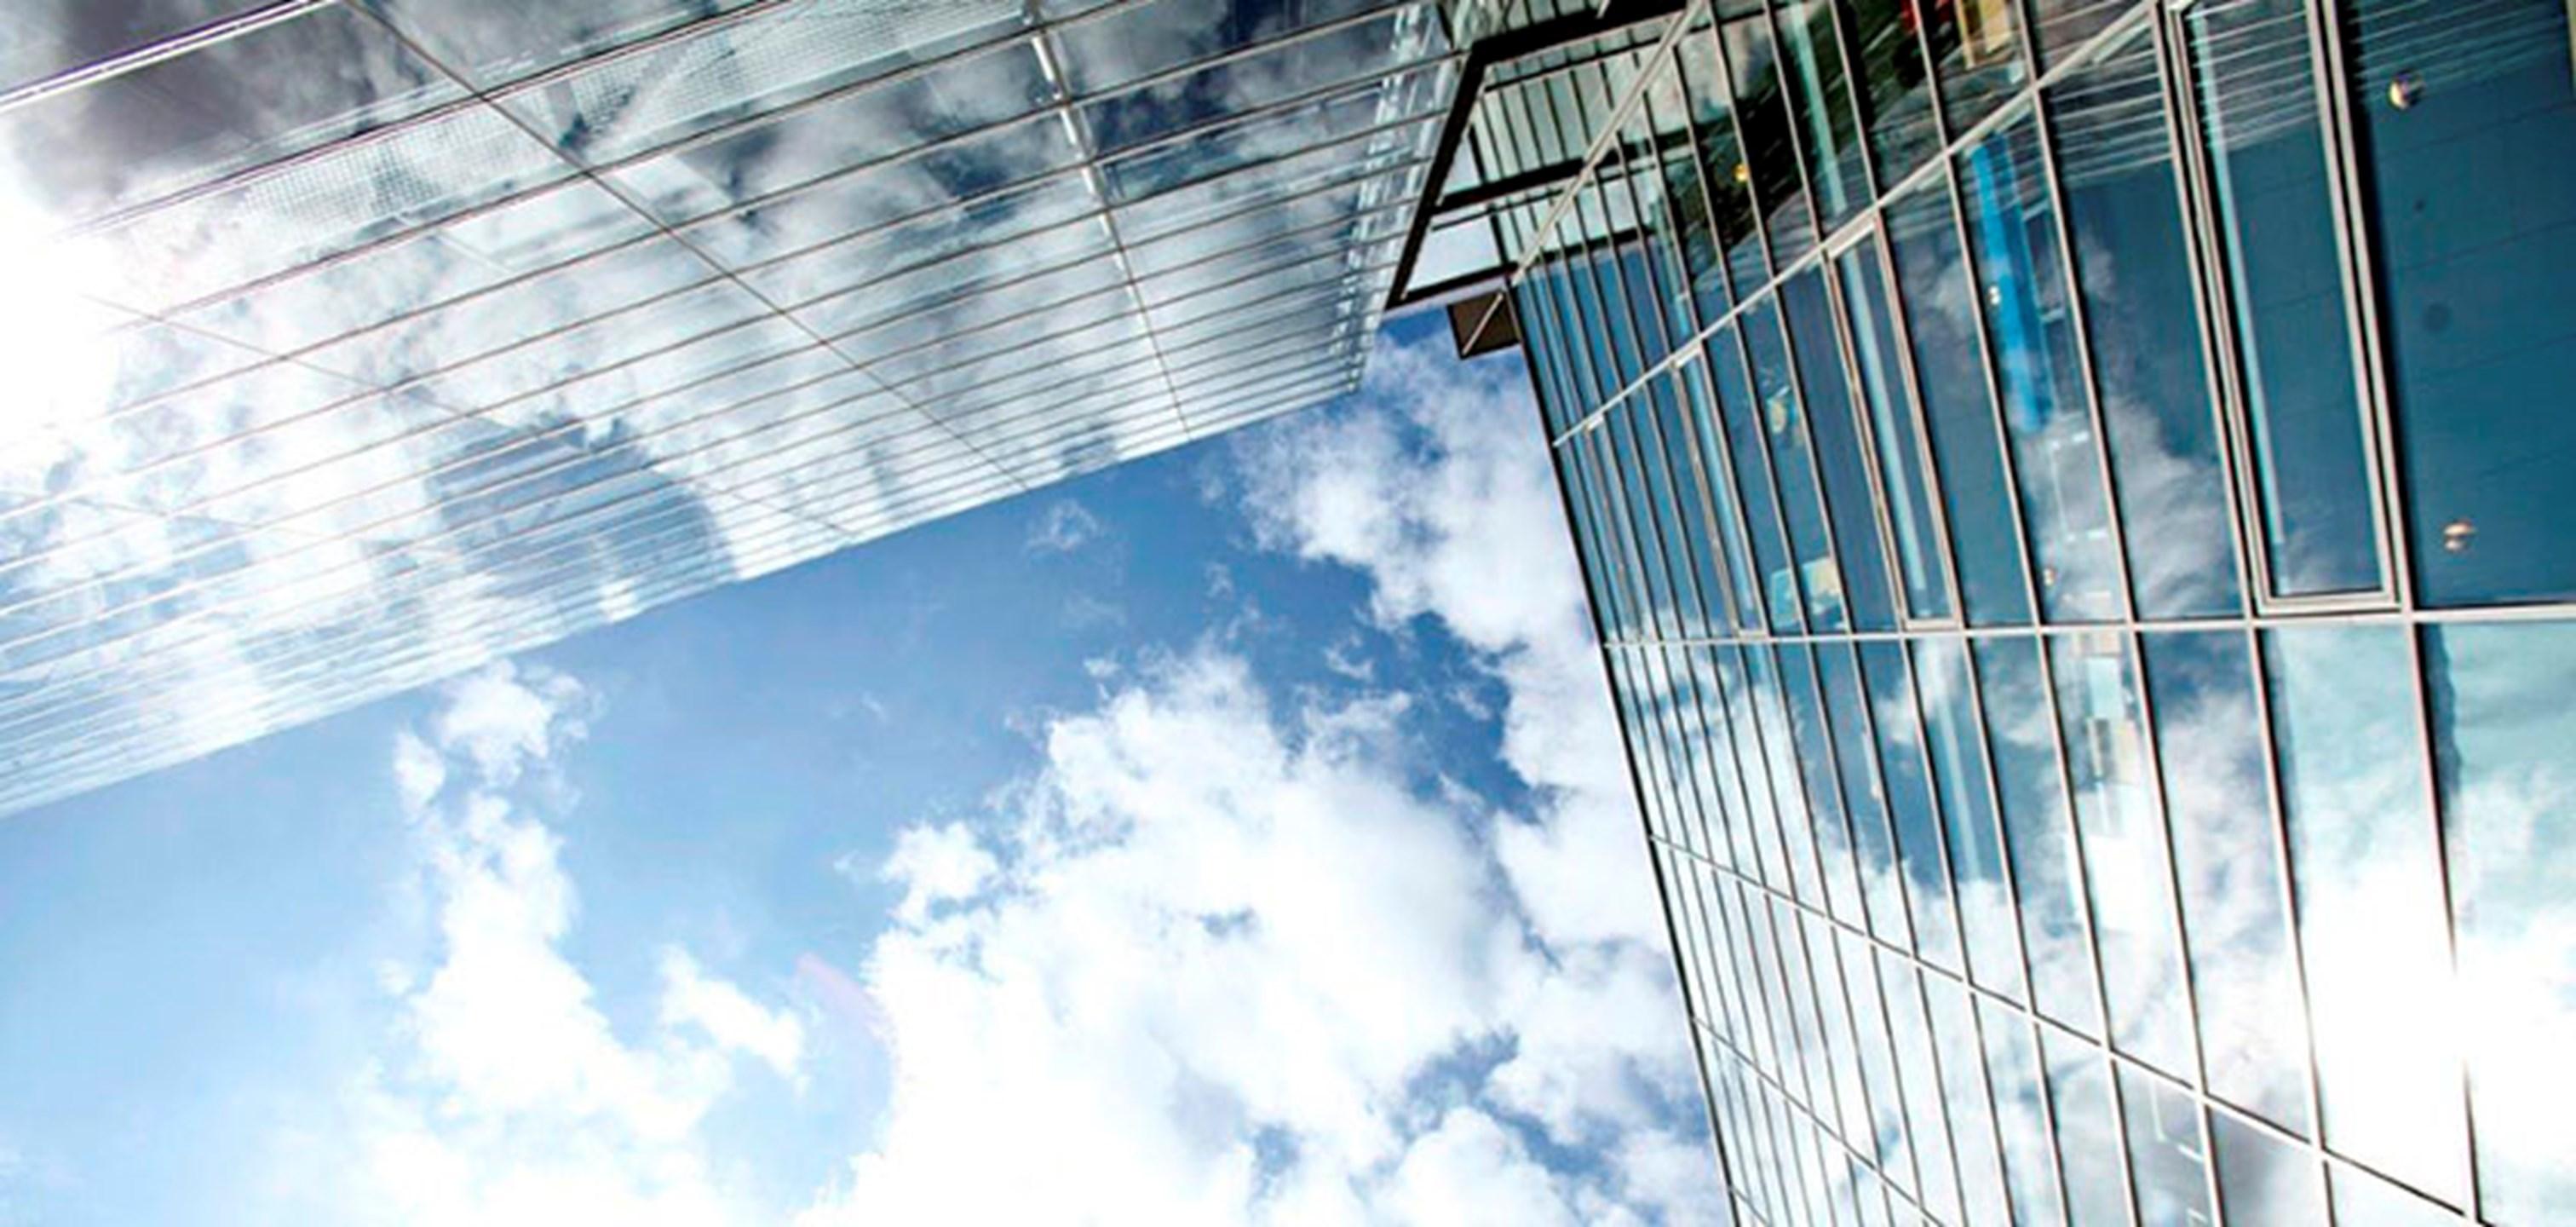 Taivas ja rakennuksen lasi-ikkunat, kuvituskuva.